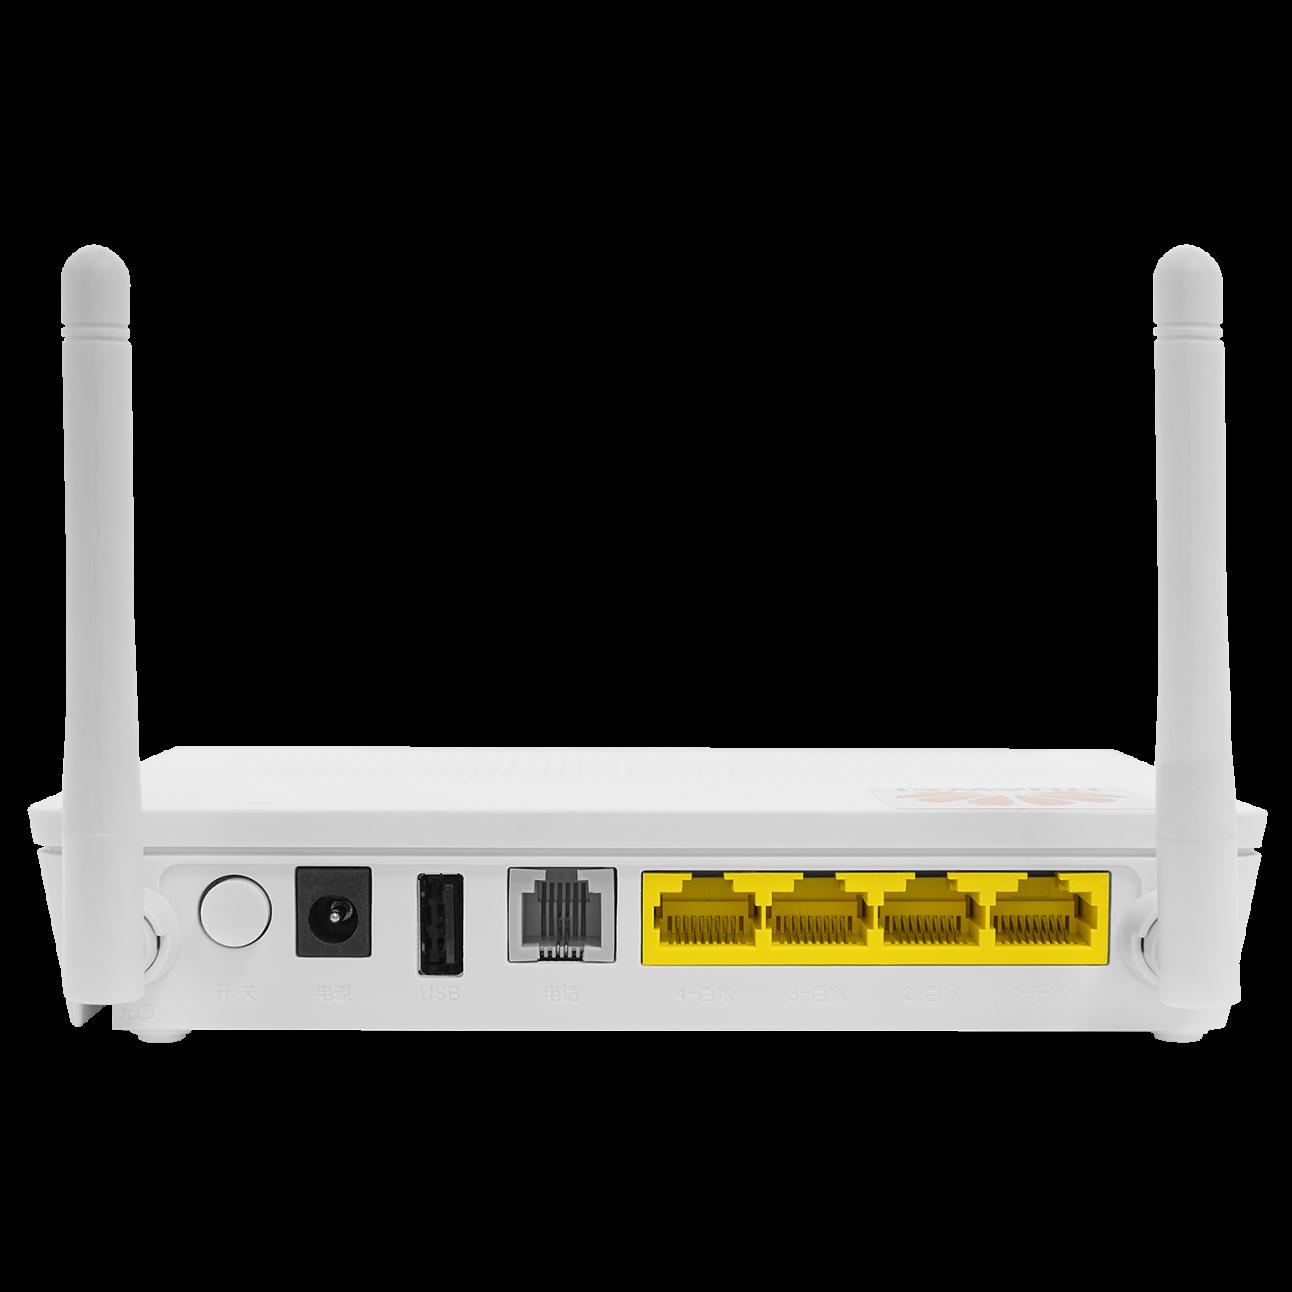 Абонентский терминал HUAWEI ONU GPON, 1 порт 100/1000Base-T,  4 порта 10/100Base-T, 1 порт POTS, WiFi, USB